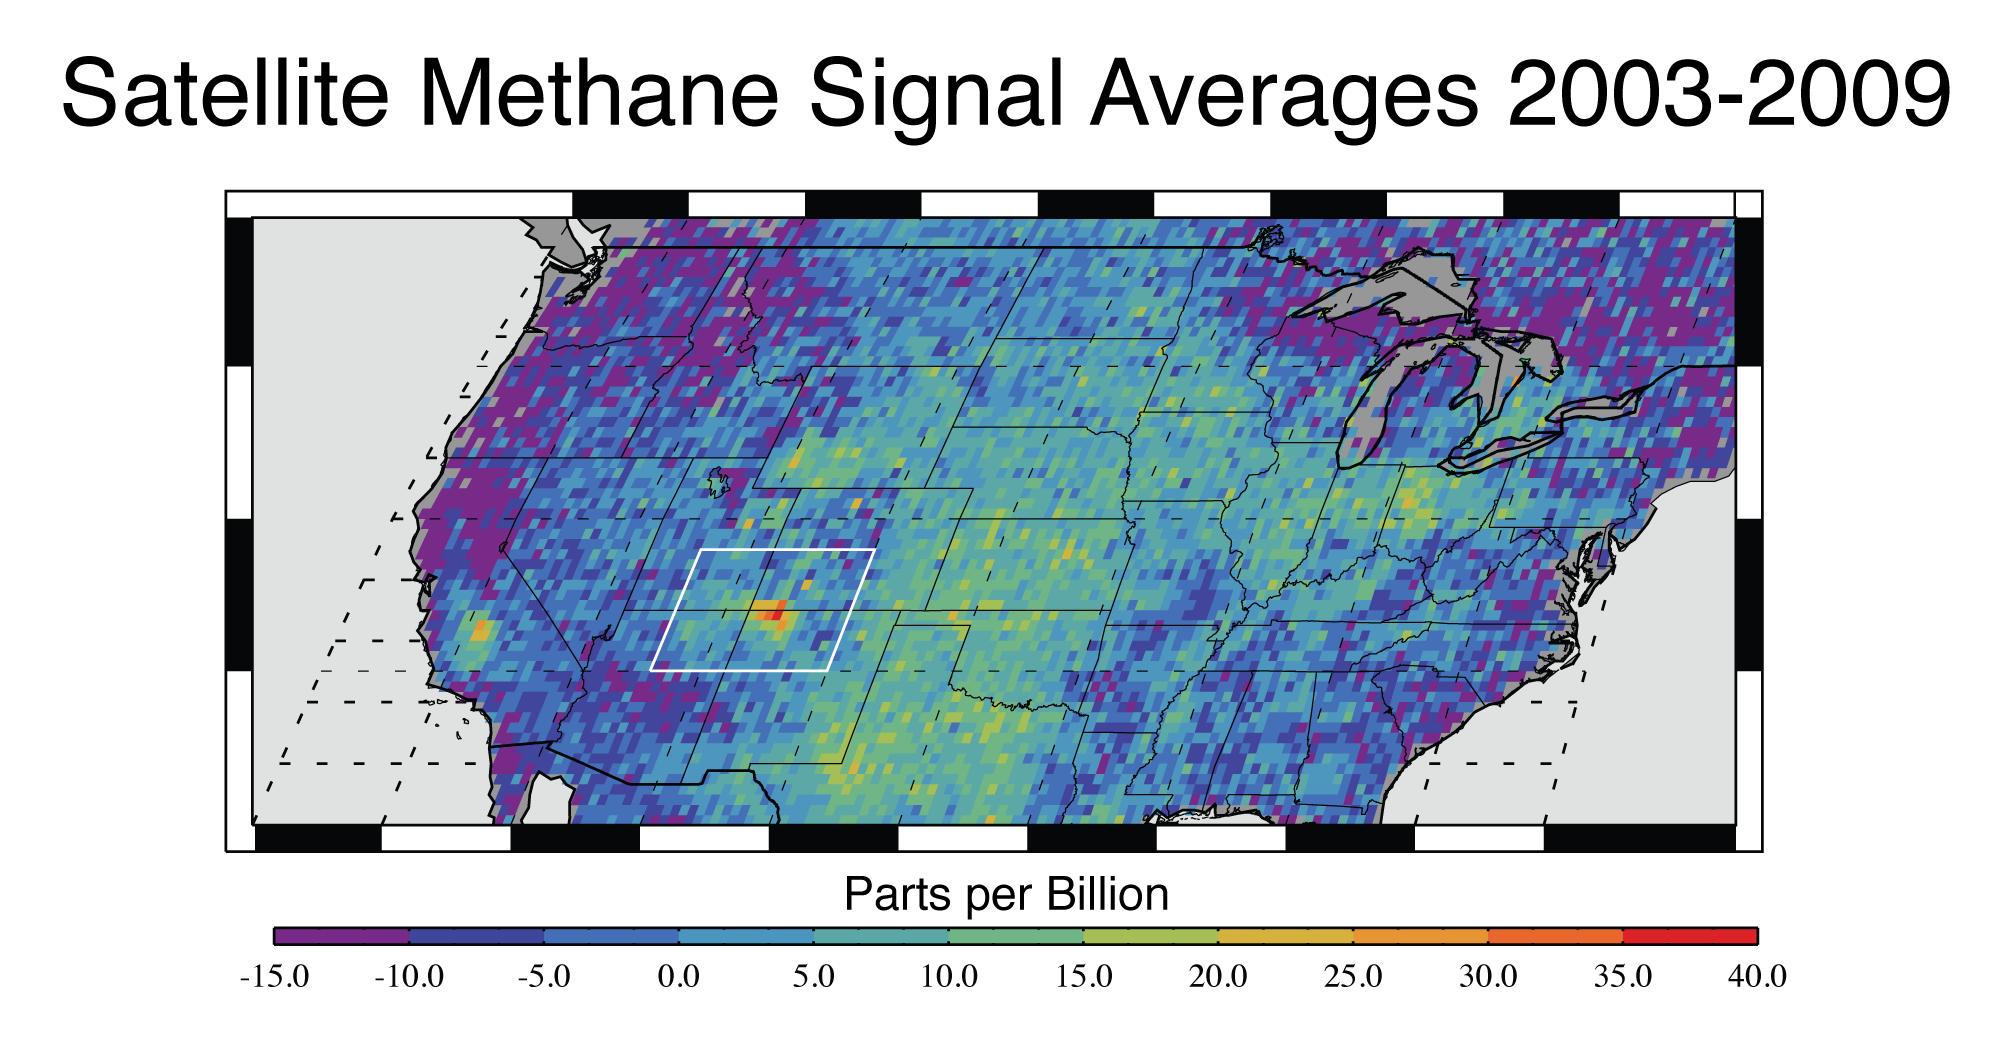 US-Forscher haben auf Satellitenaufnahmen eine riesige Methanquelle im Westen des Landes gefunden. Dort entweichen jedes Jahr rund 600.000 Tonnen Methan aus dem Boden.